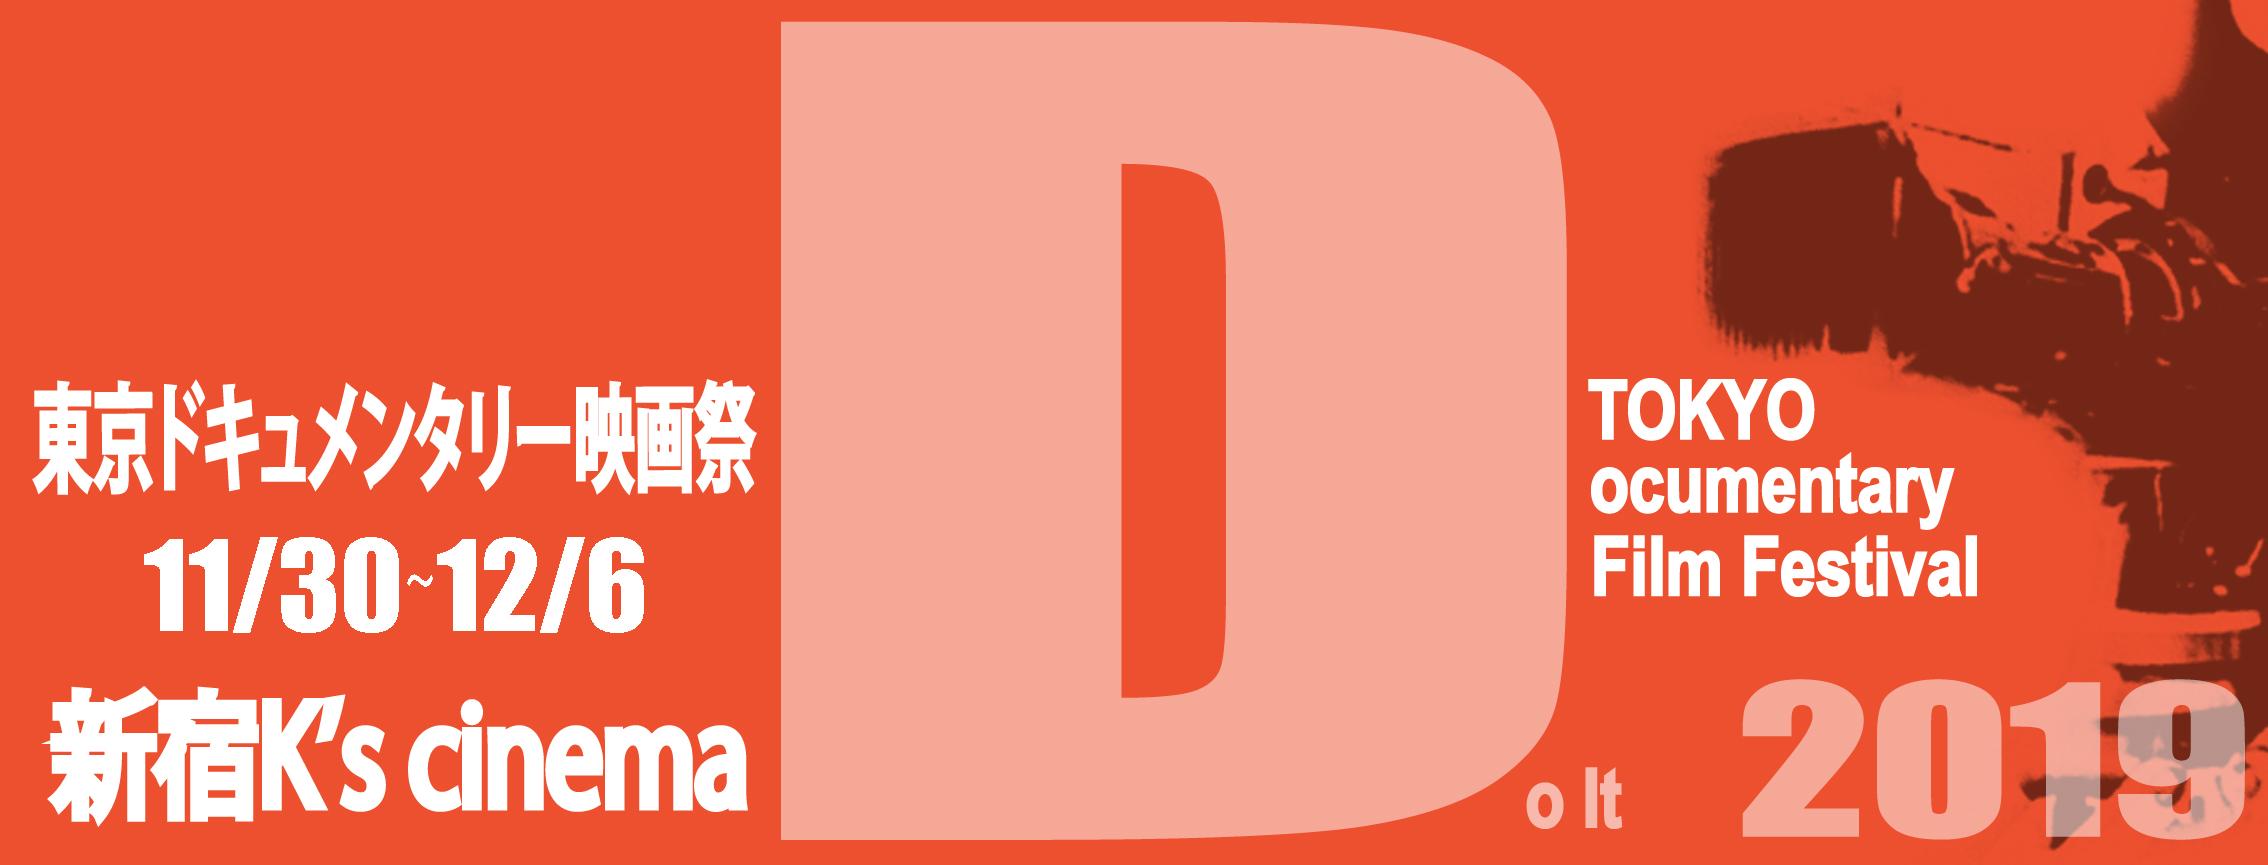 東京ドキュメンタリー映画祭2019